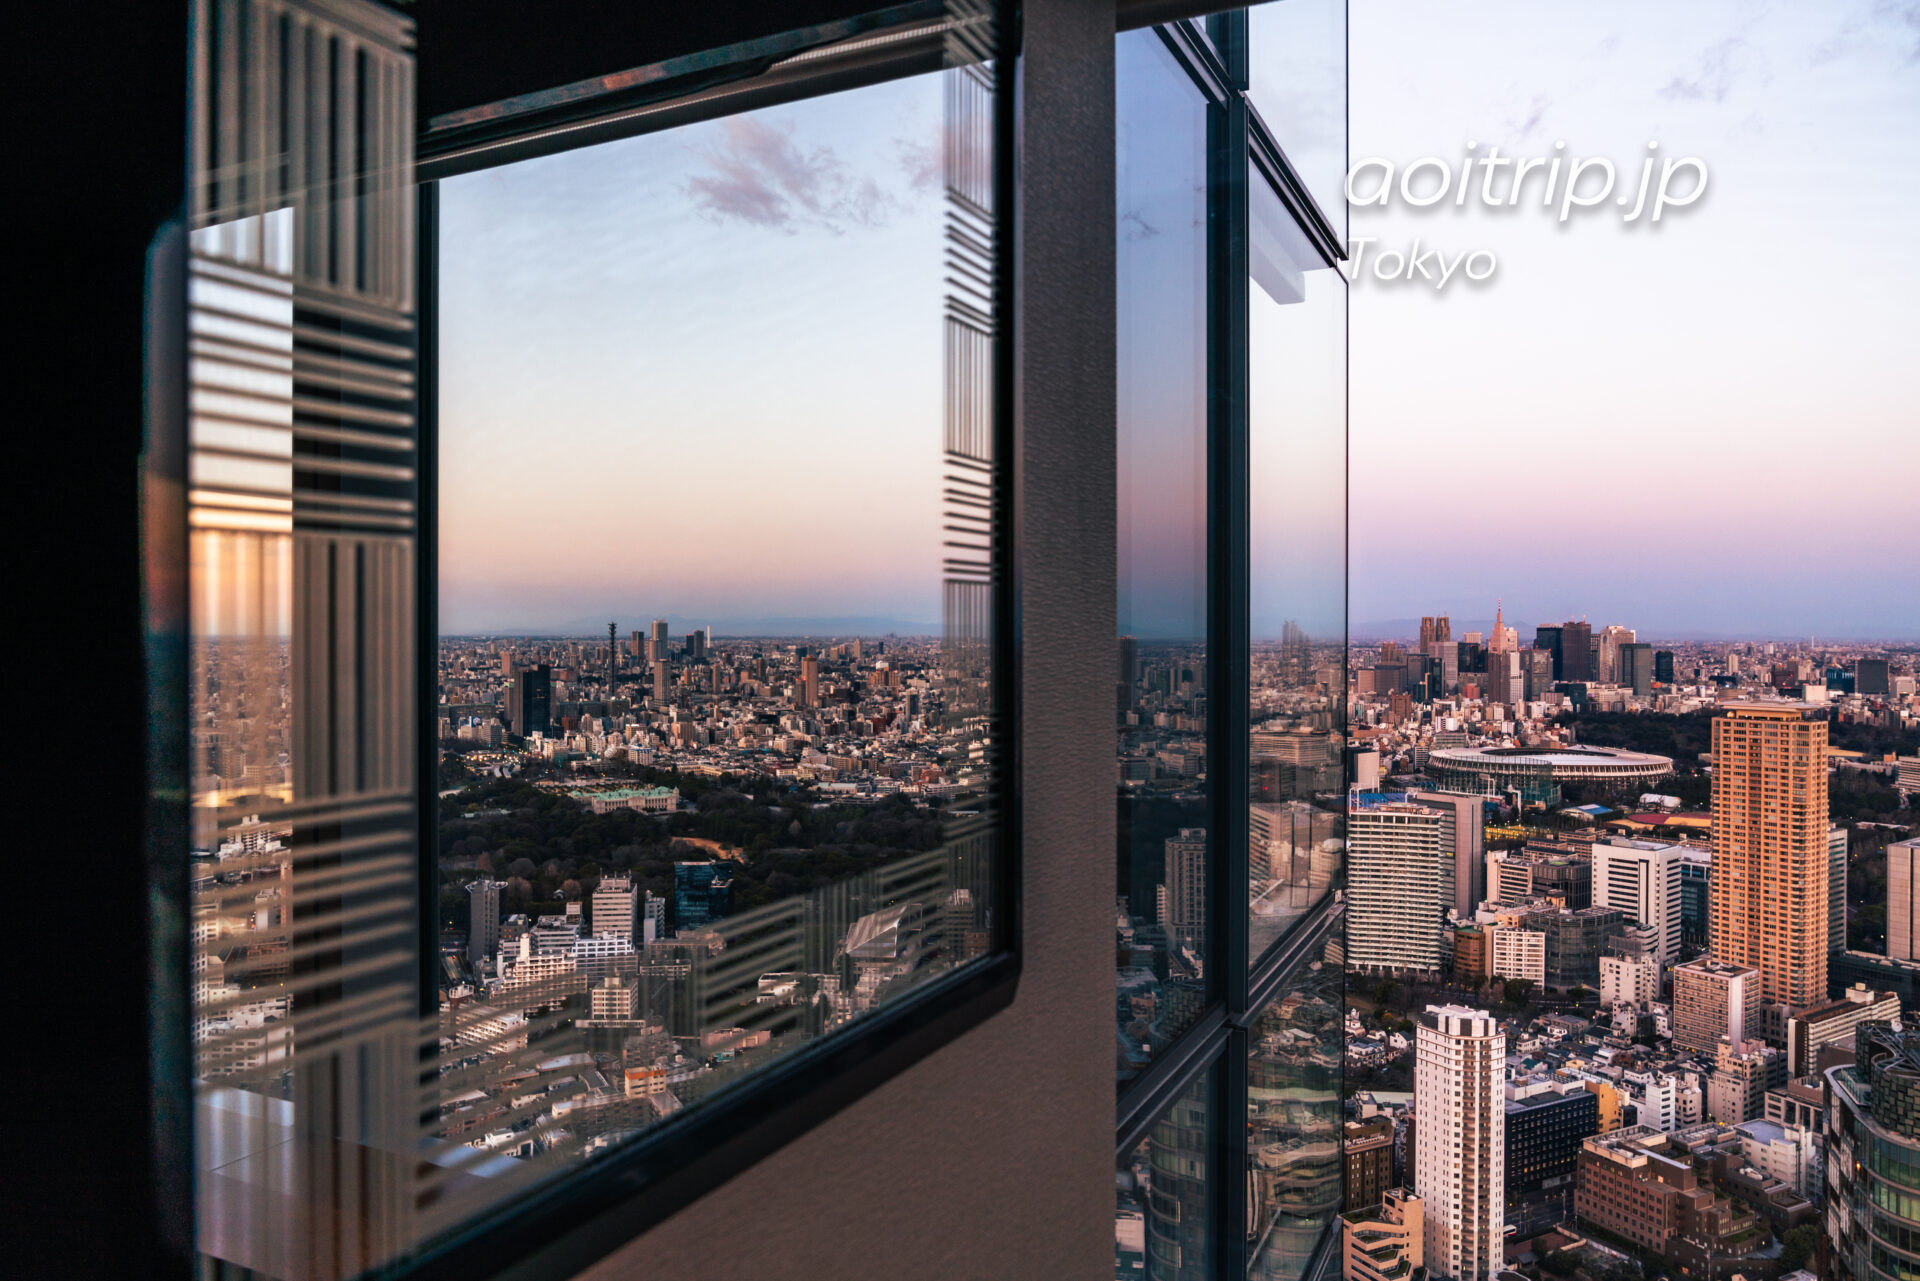 Tokyo Skyline ザ リッツカールトン東京から望む早朝の新宿と池袋